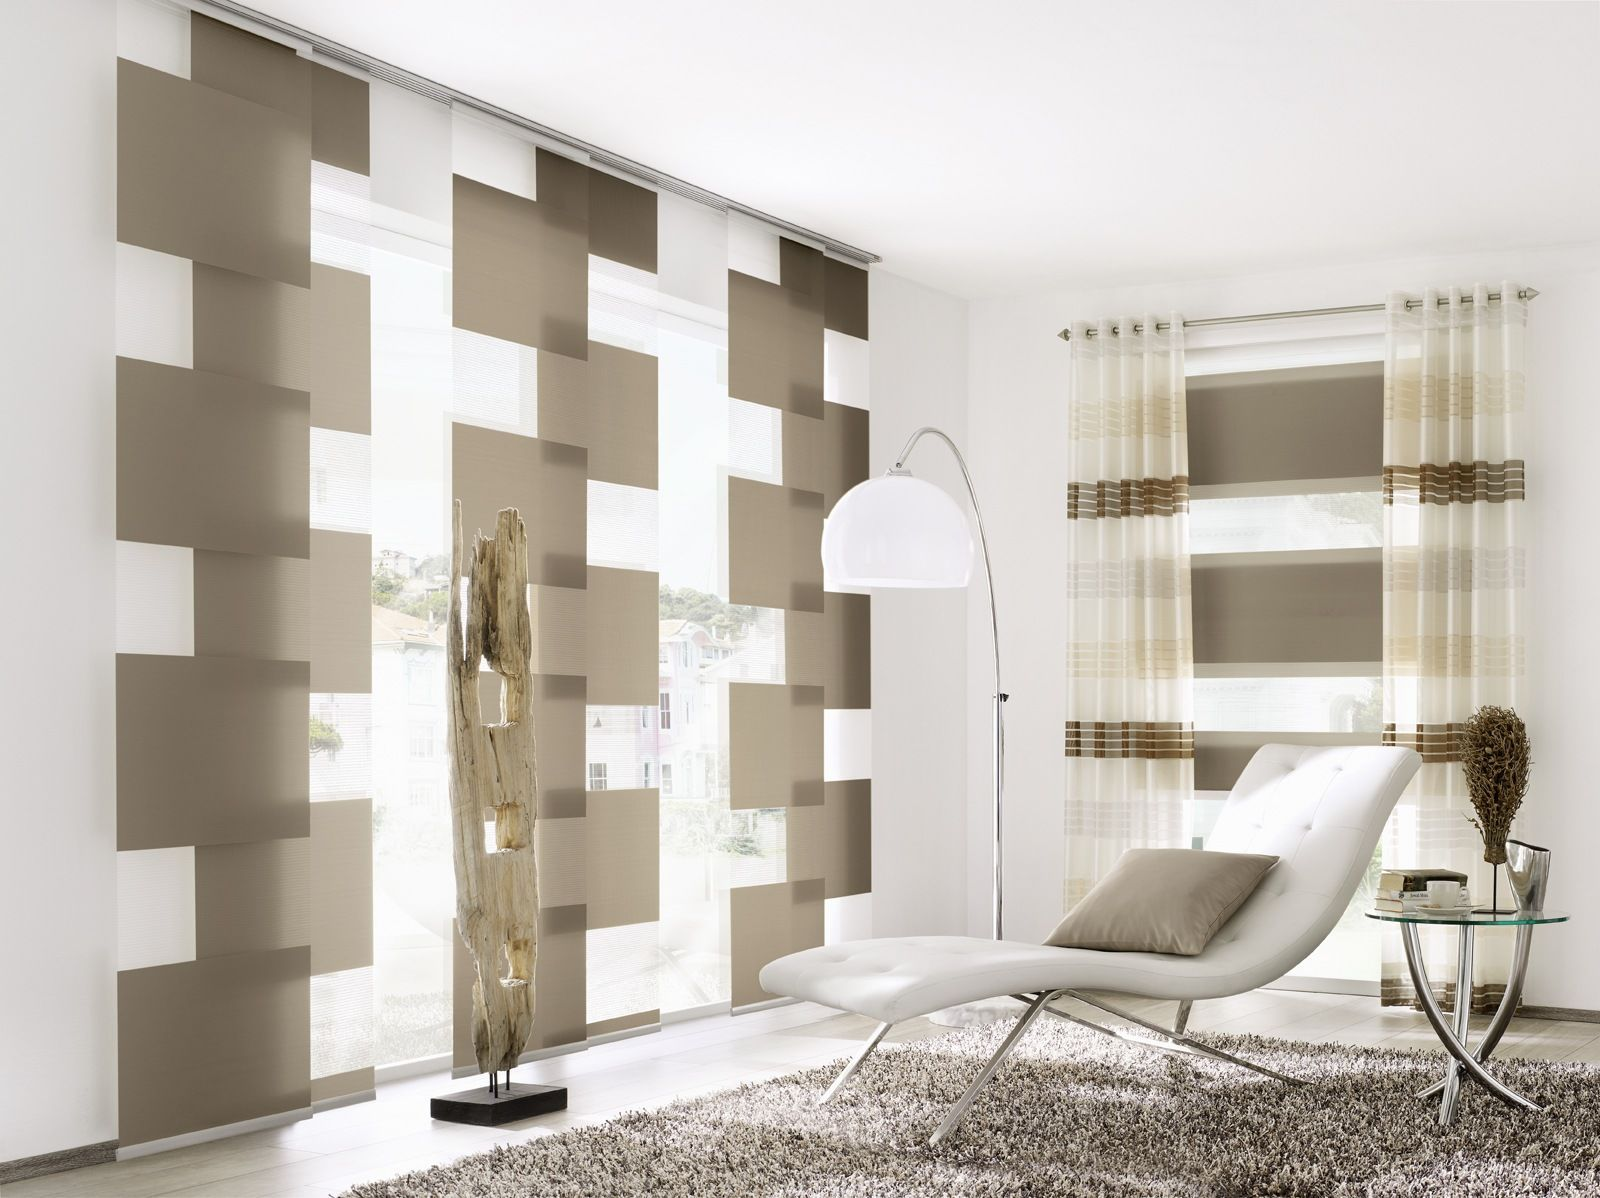 bildergebnis f r moderne gardinen wohnzimmer wohnzimmer pinterest gardinen wohnzimmer. Black Bedroom Furniture Sets. Home Design Ideas